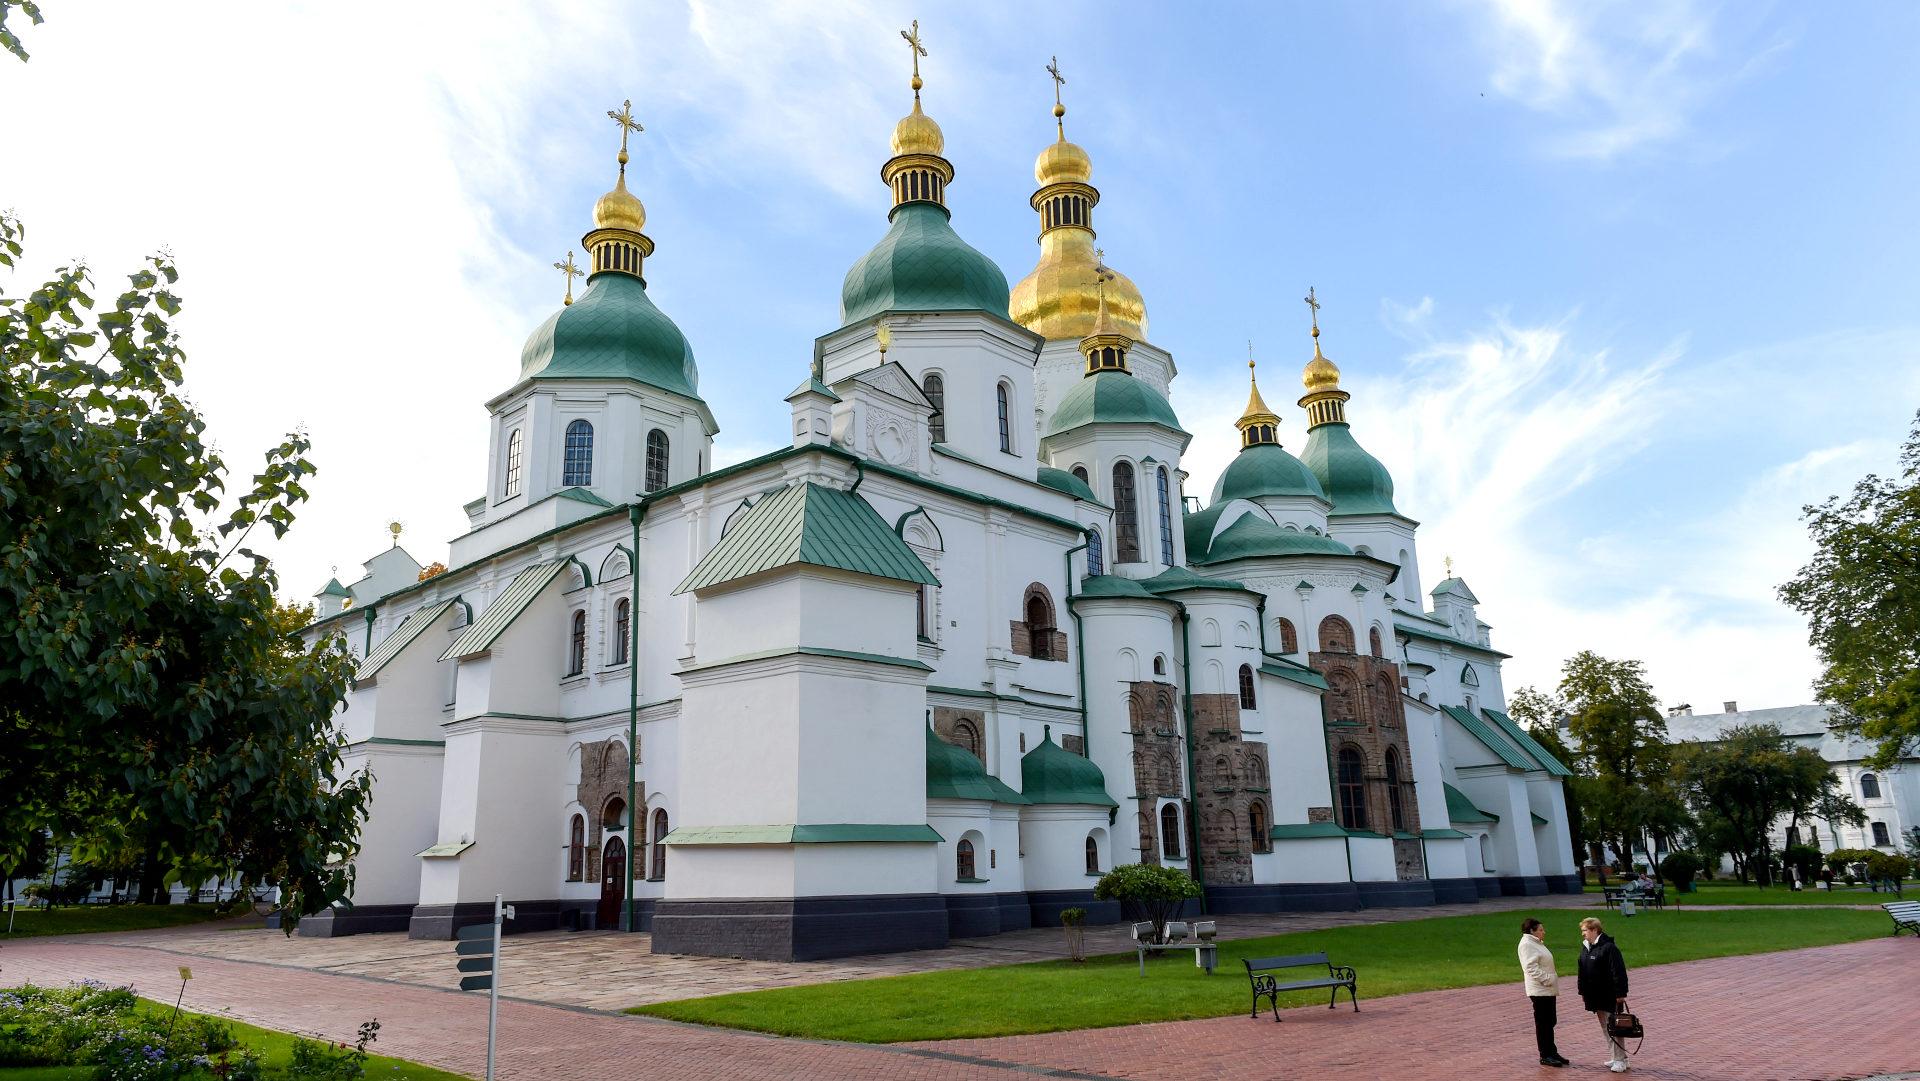 Ukraine gründet neue orthodoxe Kirche - kath.ch